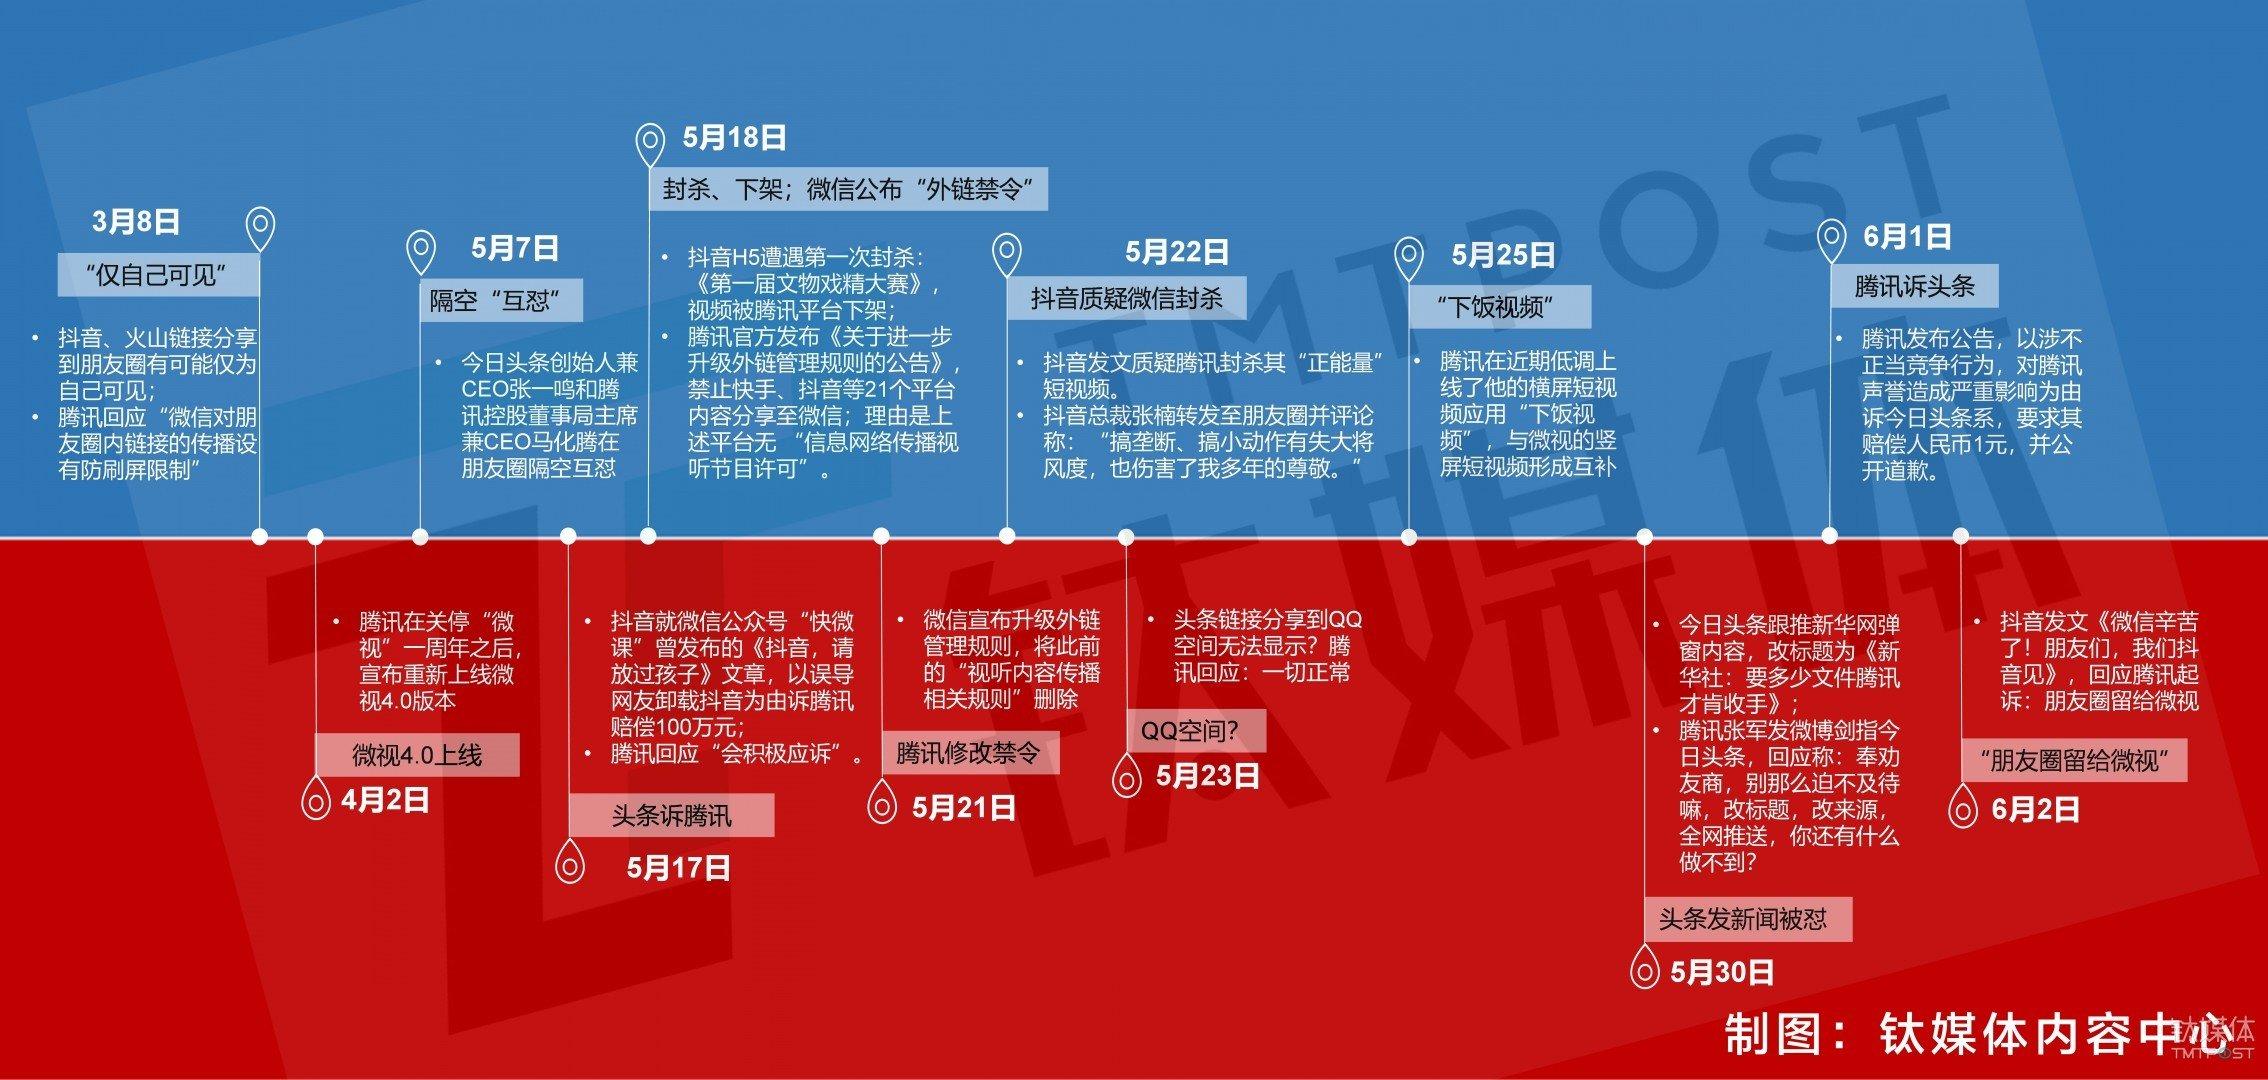 抖腾大战几番较量全程回顾 (制图:钛媒体内容中心,图文/郭丛笑)